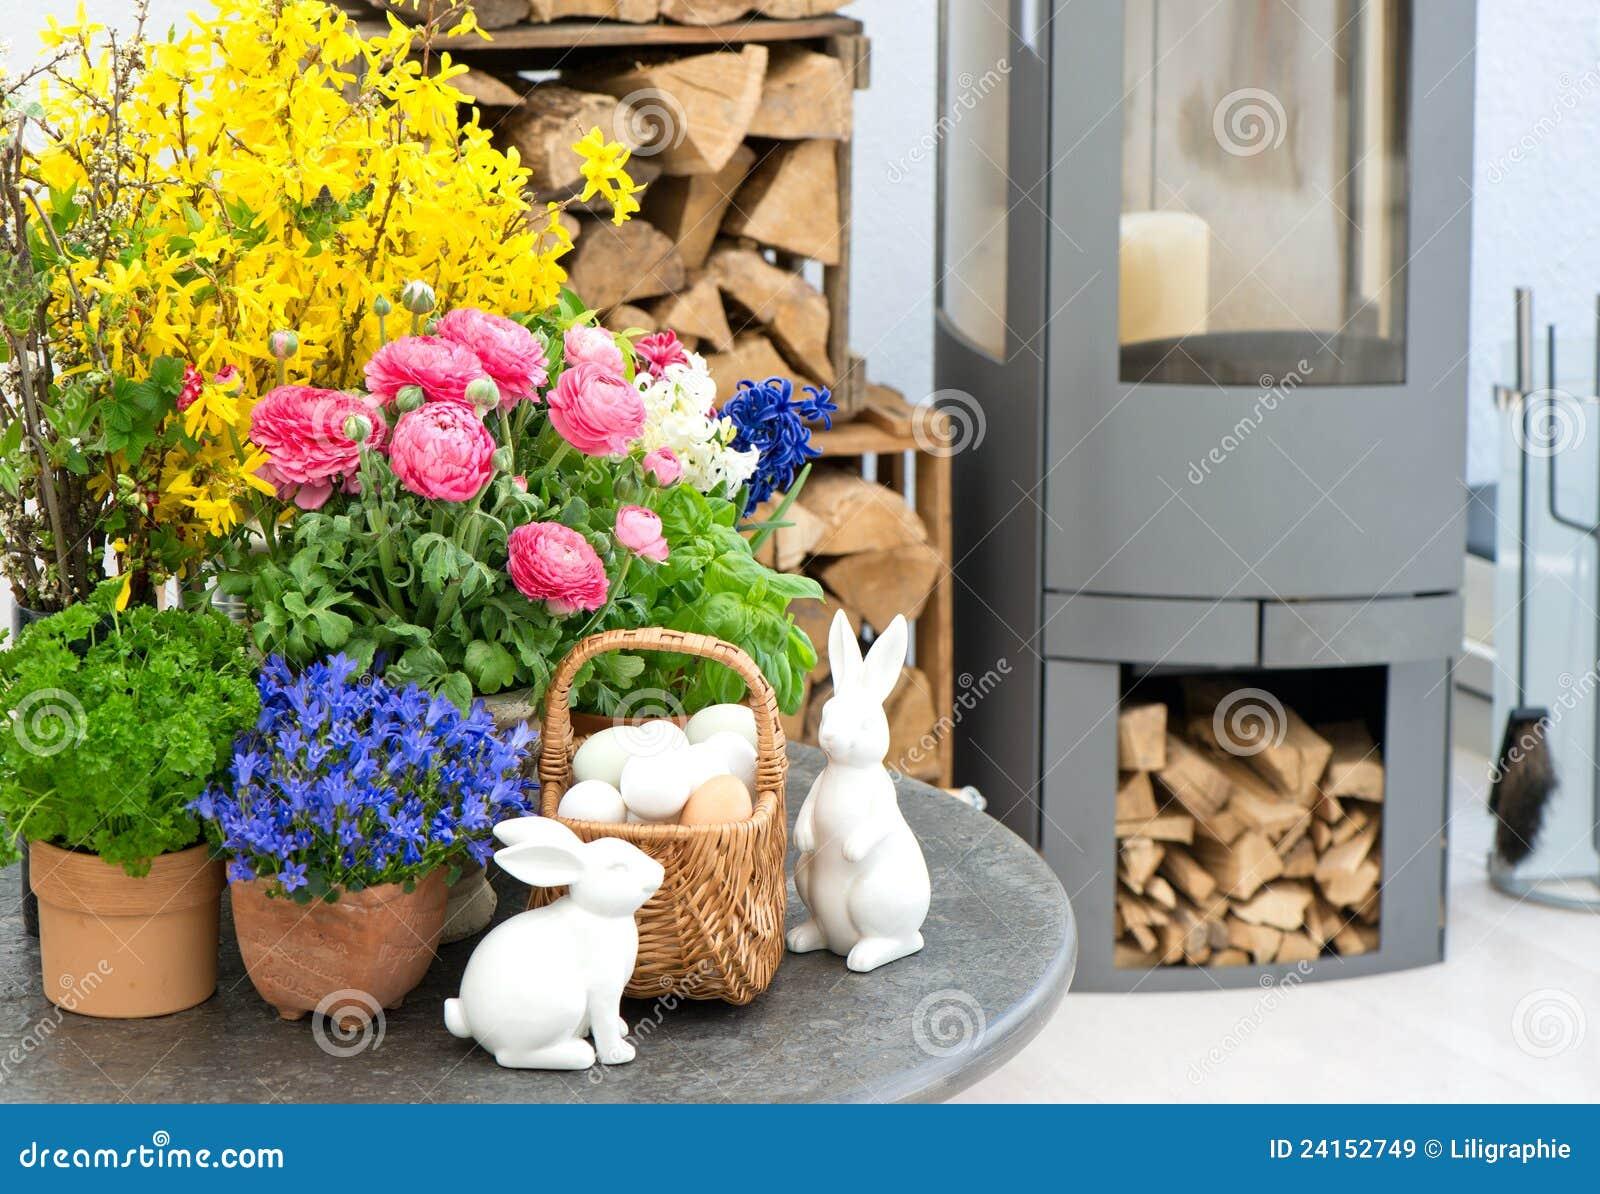 Intérieur de maison avec les fleurs et la décoration de pâques